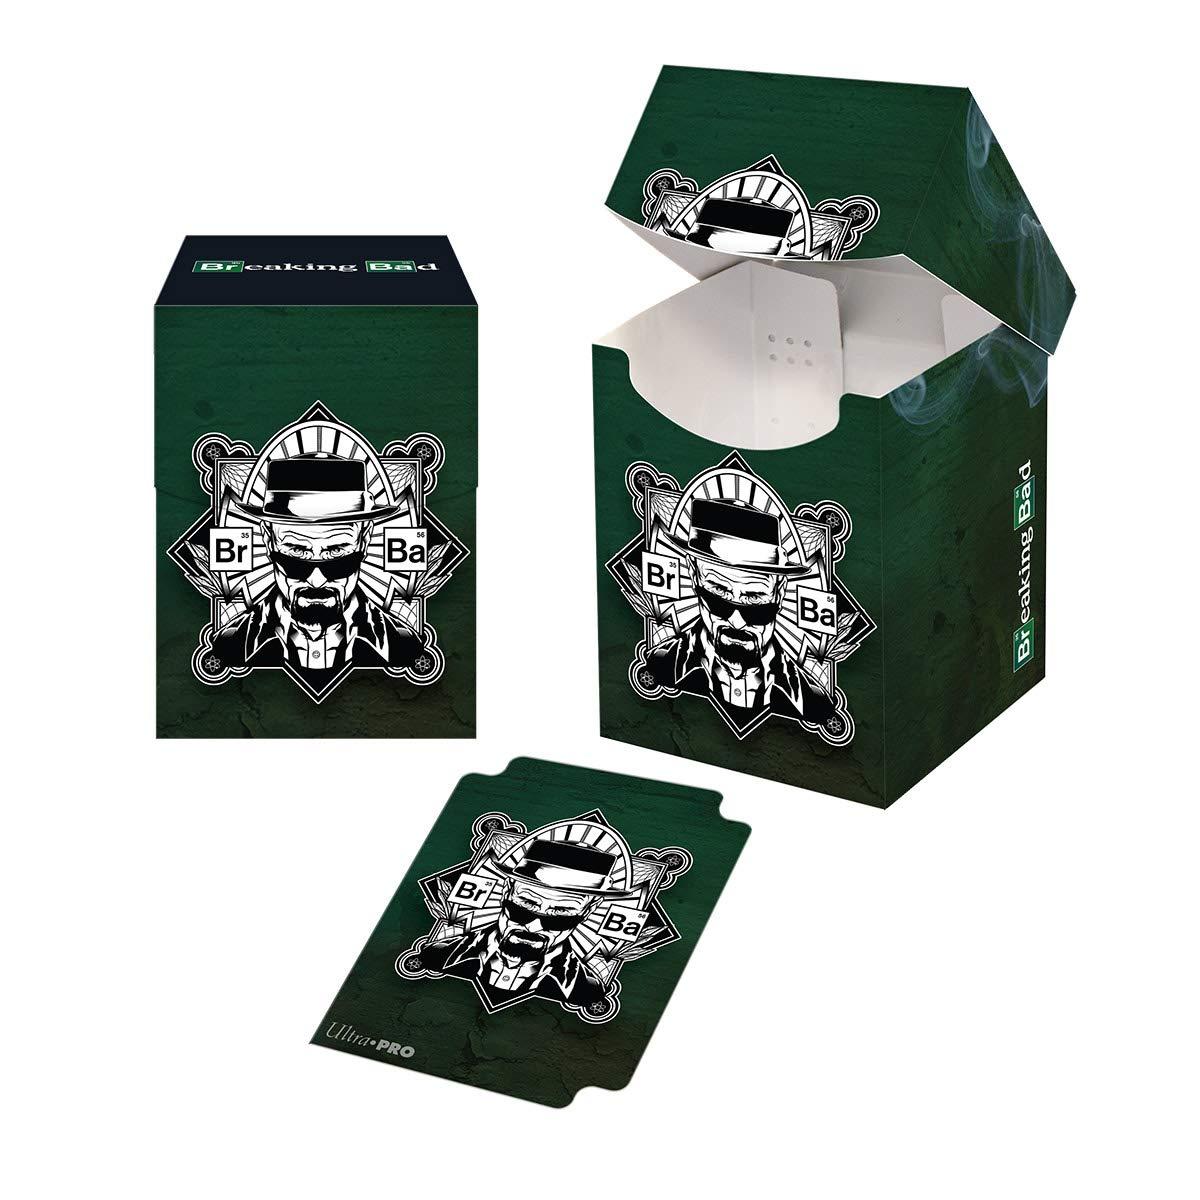 Breaking Bad Heisenberg Ultra Pro Printed Art Deck Box Case Protectors